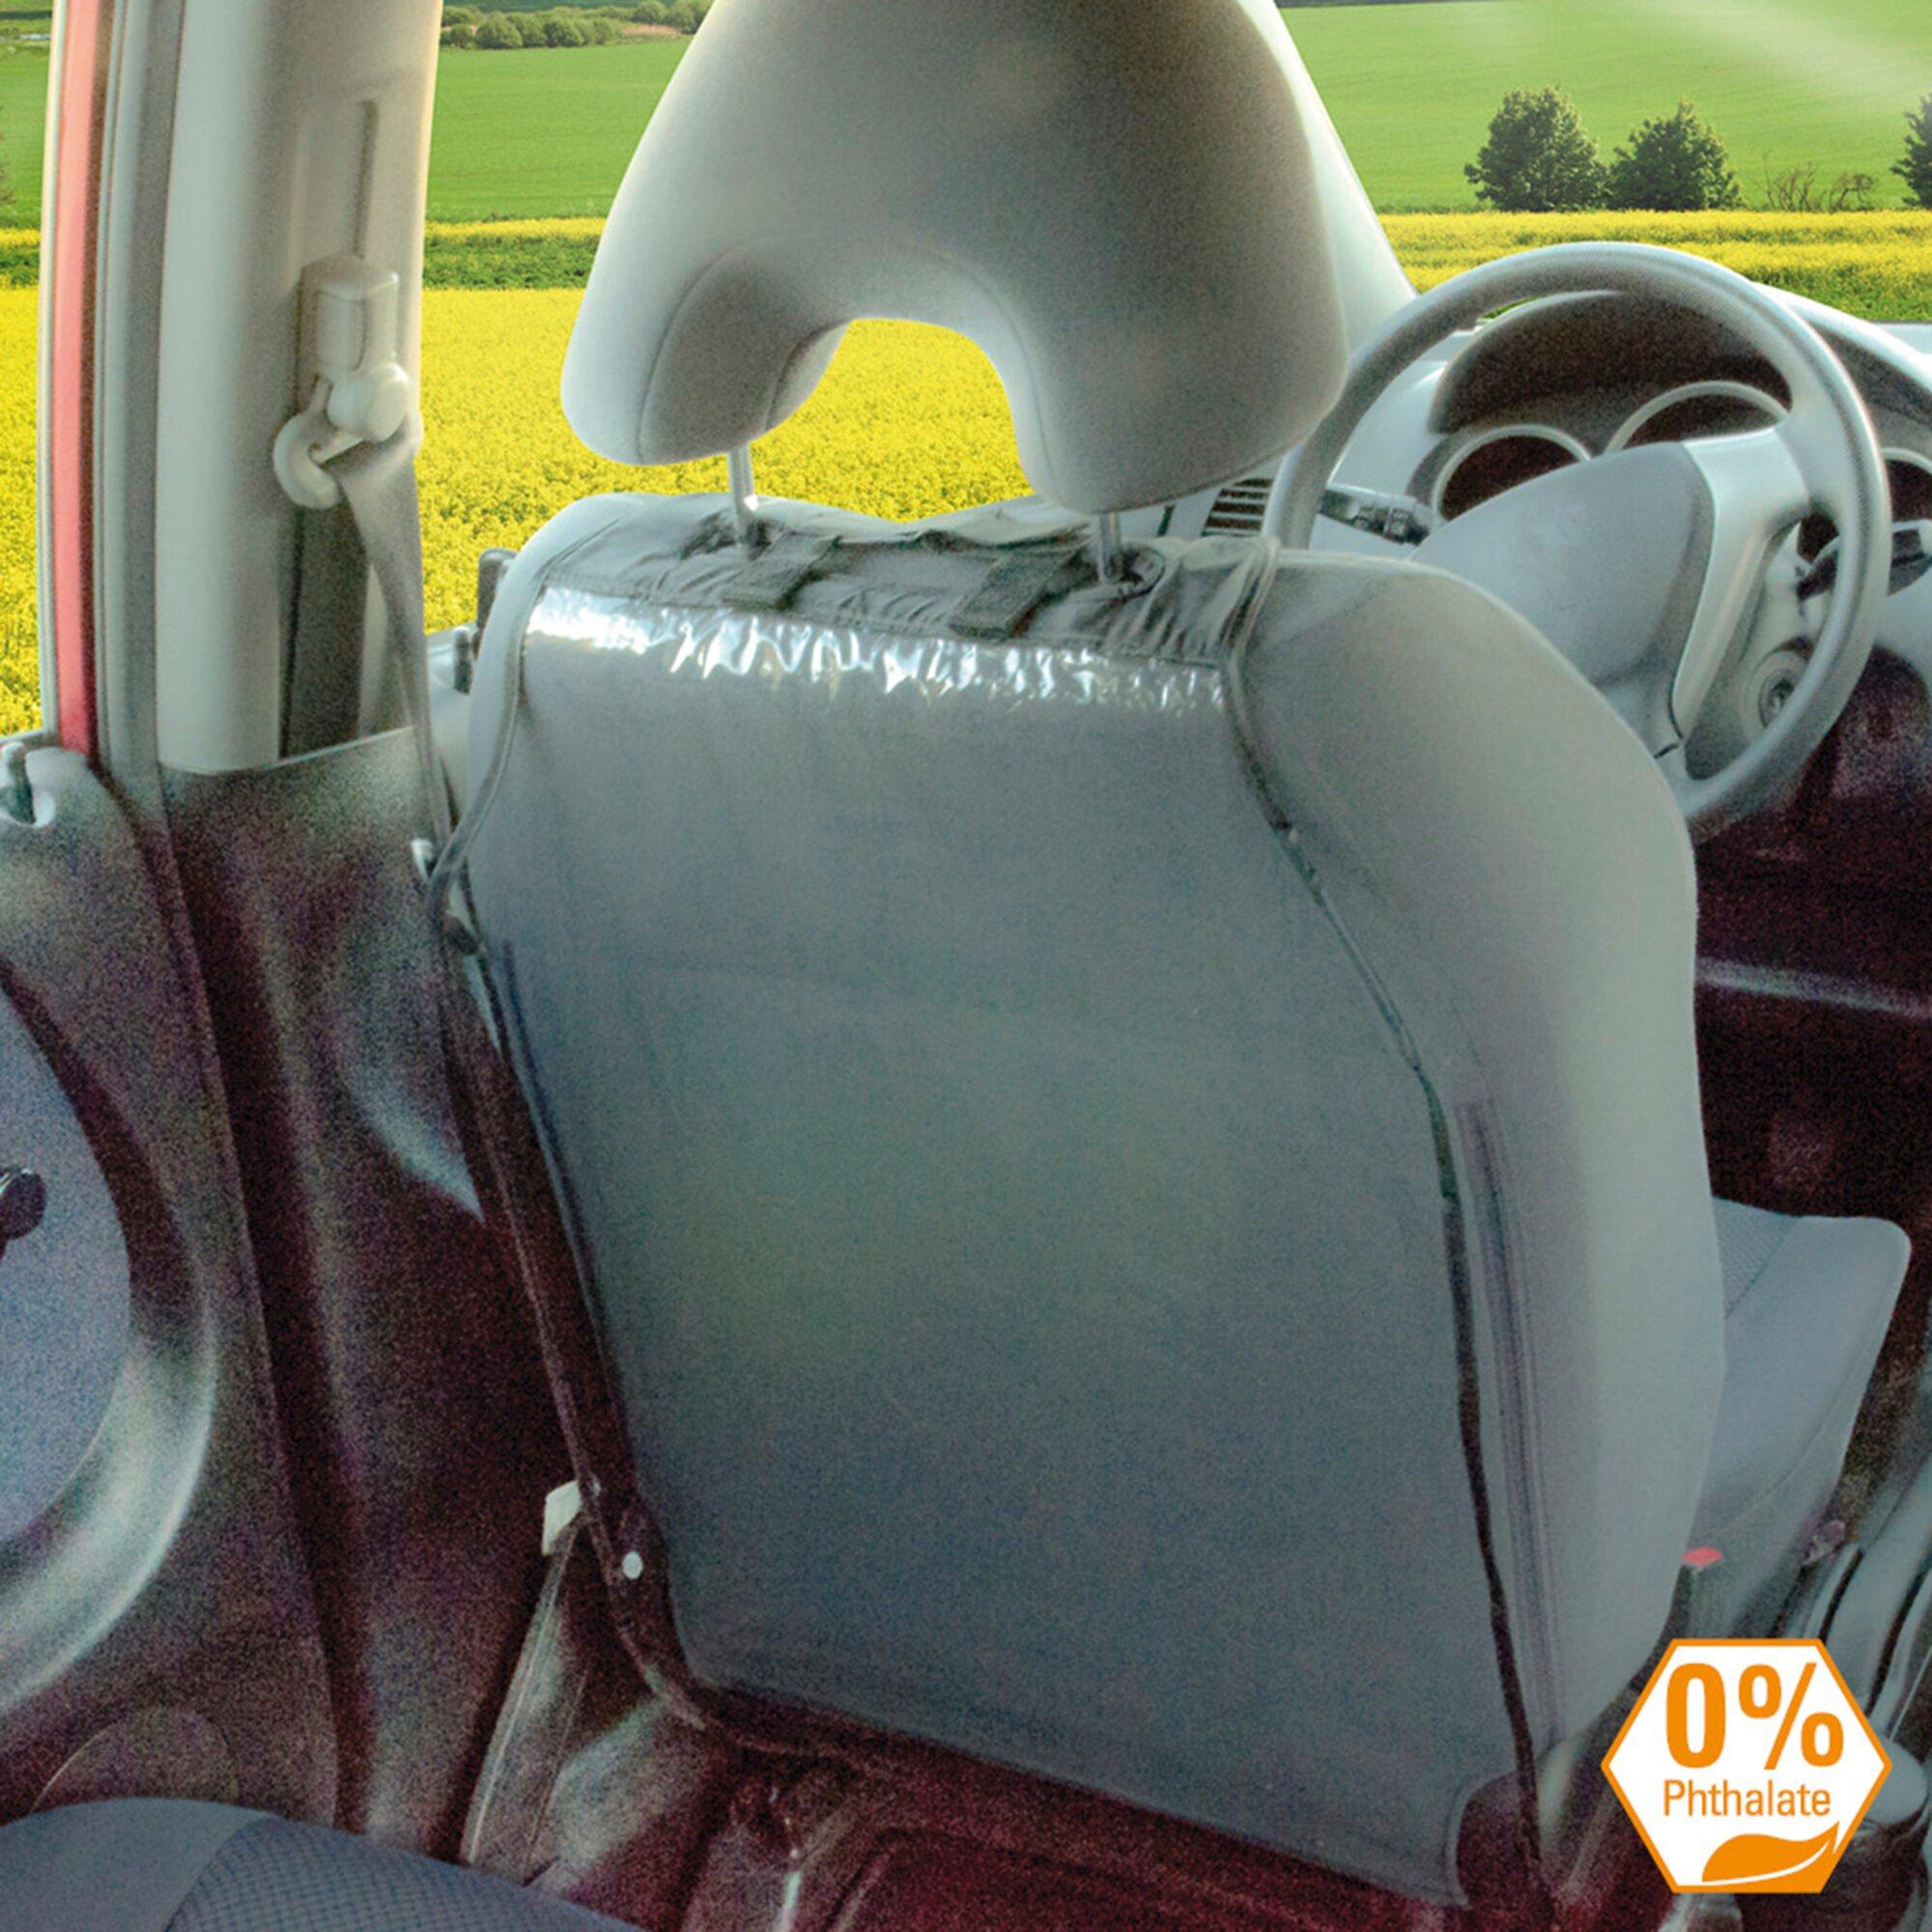 diago-schutzfolie-autositz-transparent, 5.99 EUR @ babywalz-de